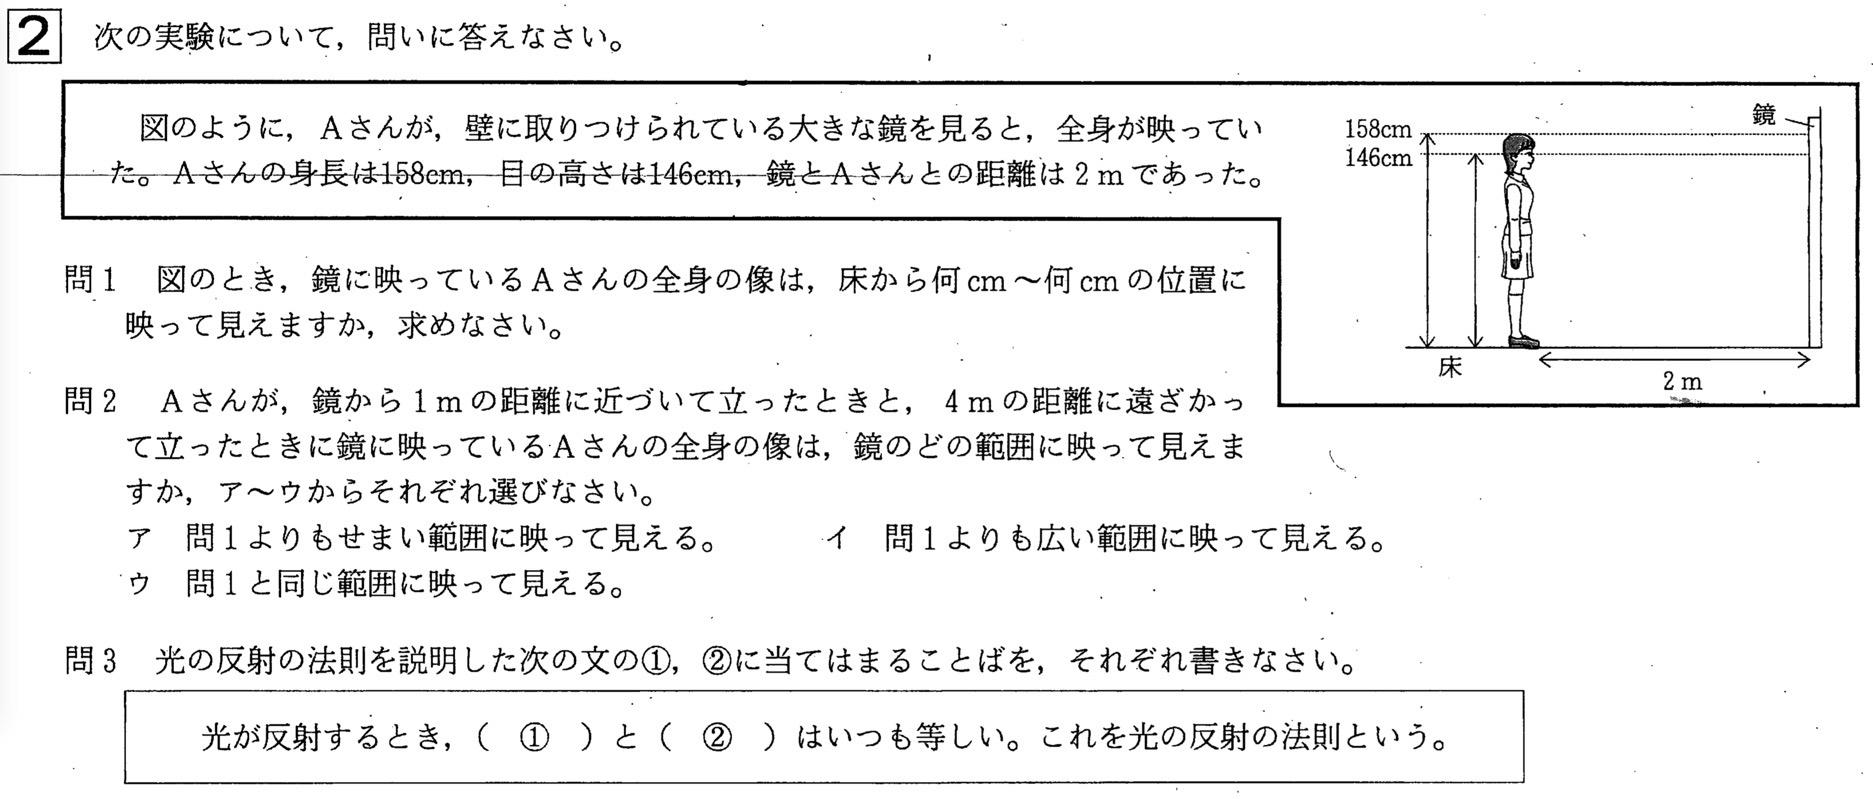 中3北海道学力テスト総合A「理科」(2020、令和2年)問題